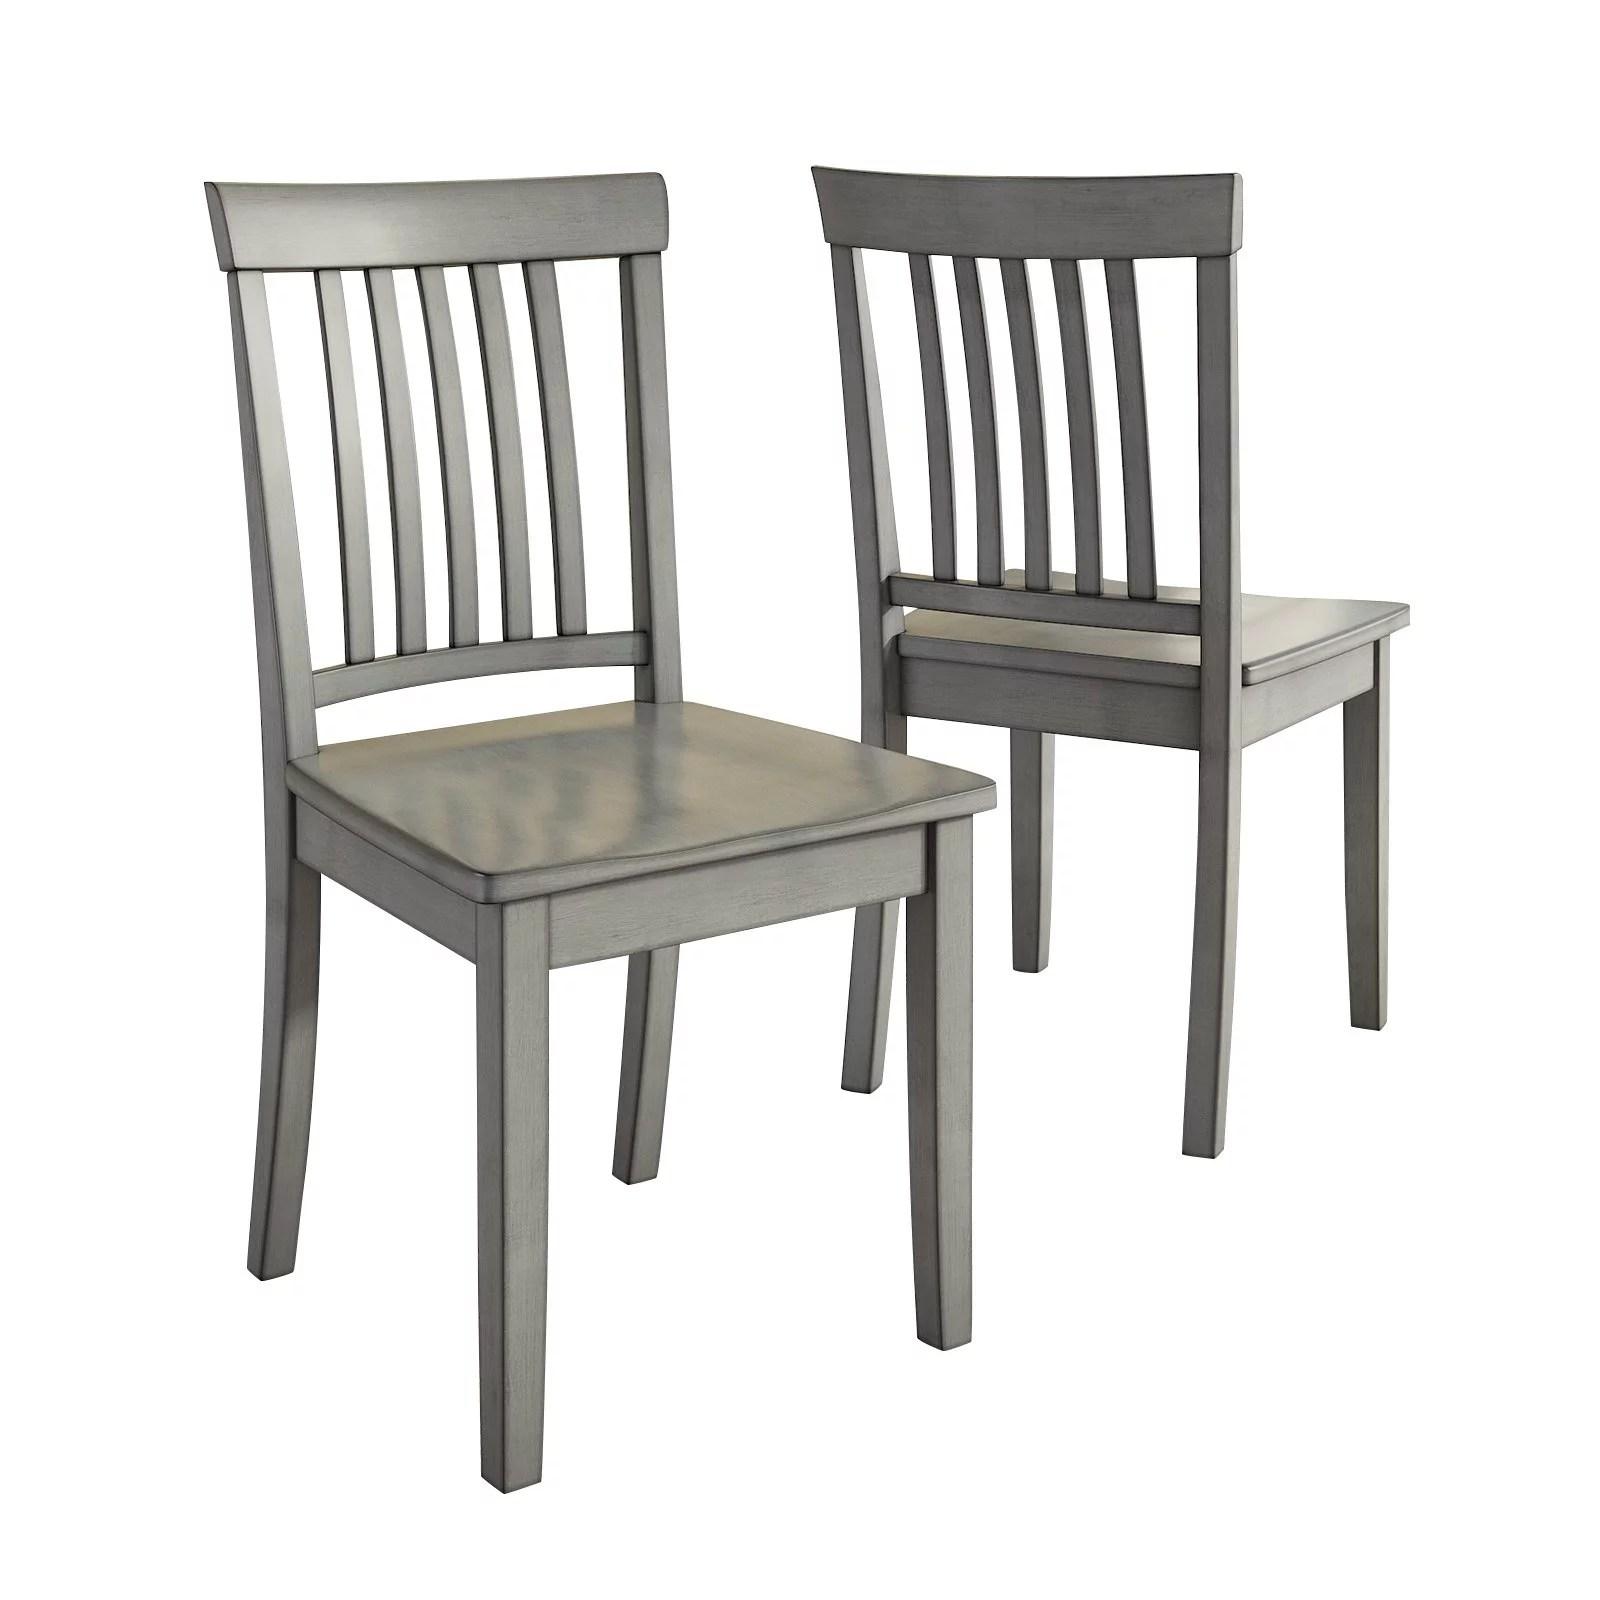 lexington dining chairs west elm mission back chair set of 2 multiple colors walmart com